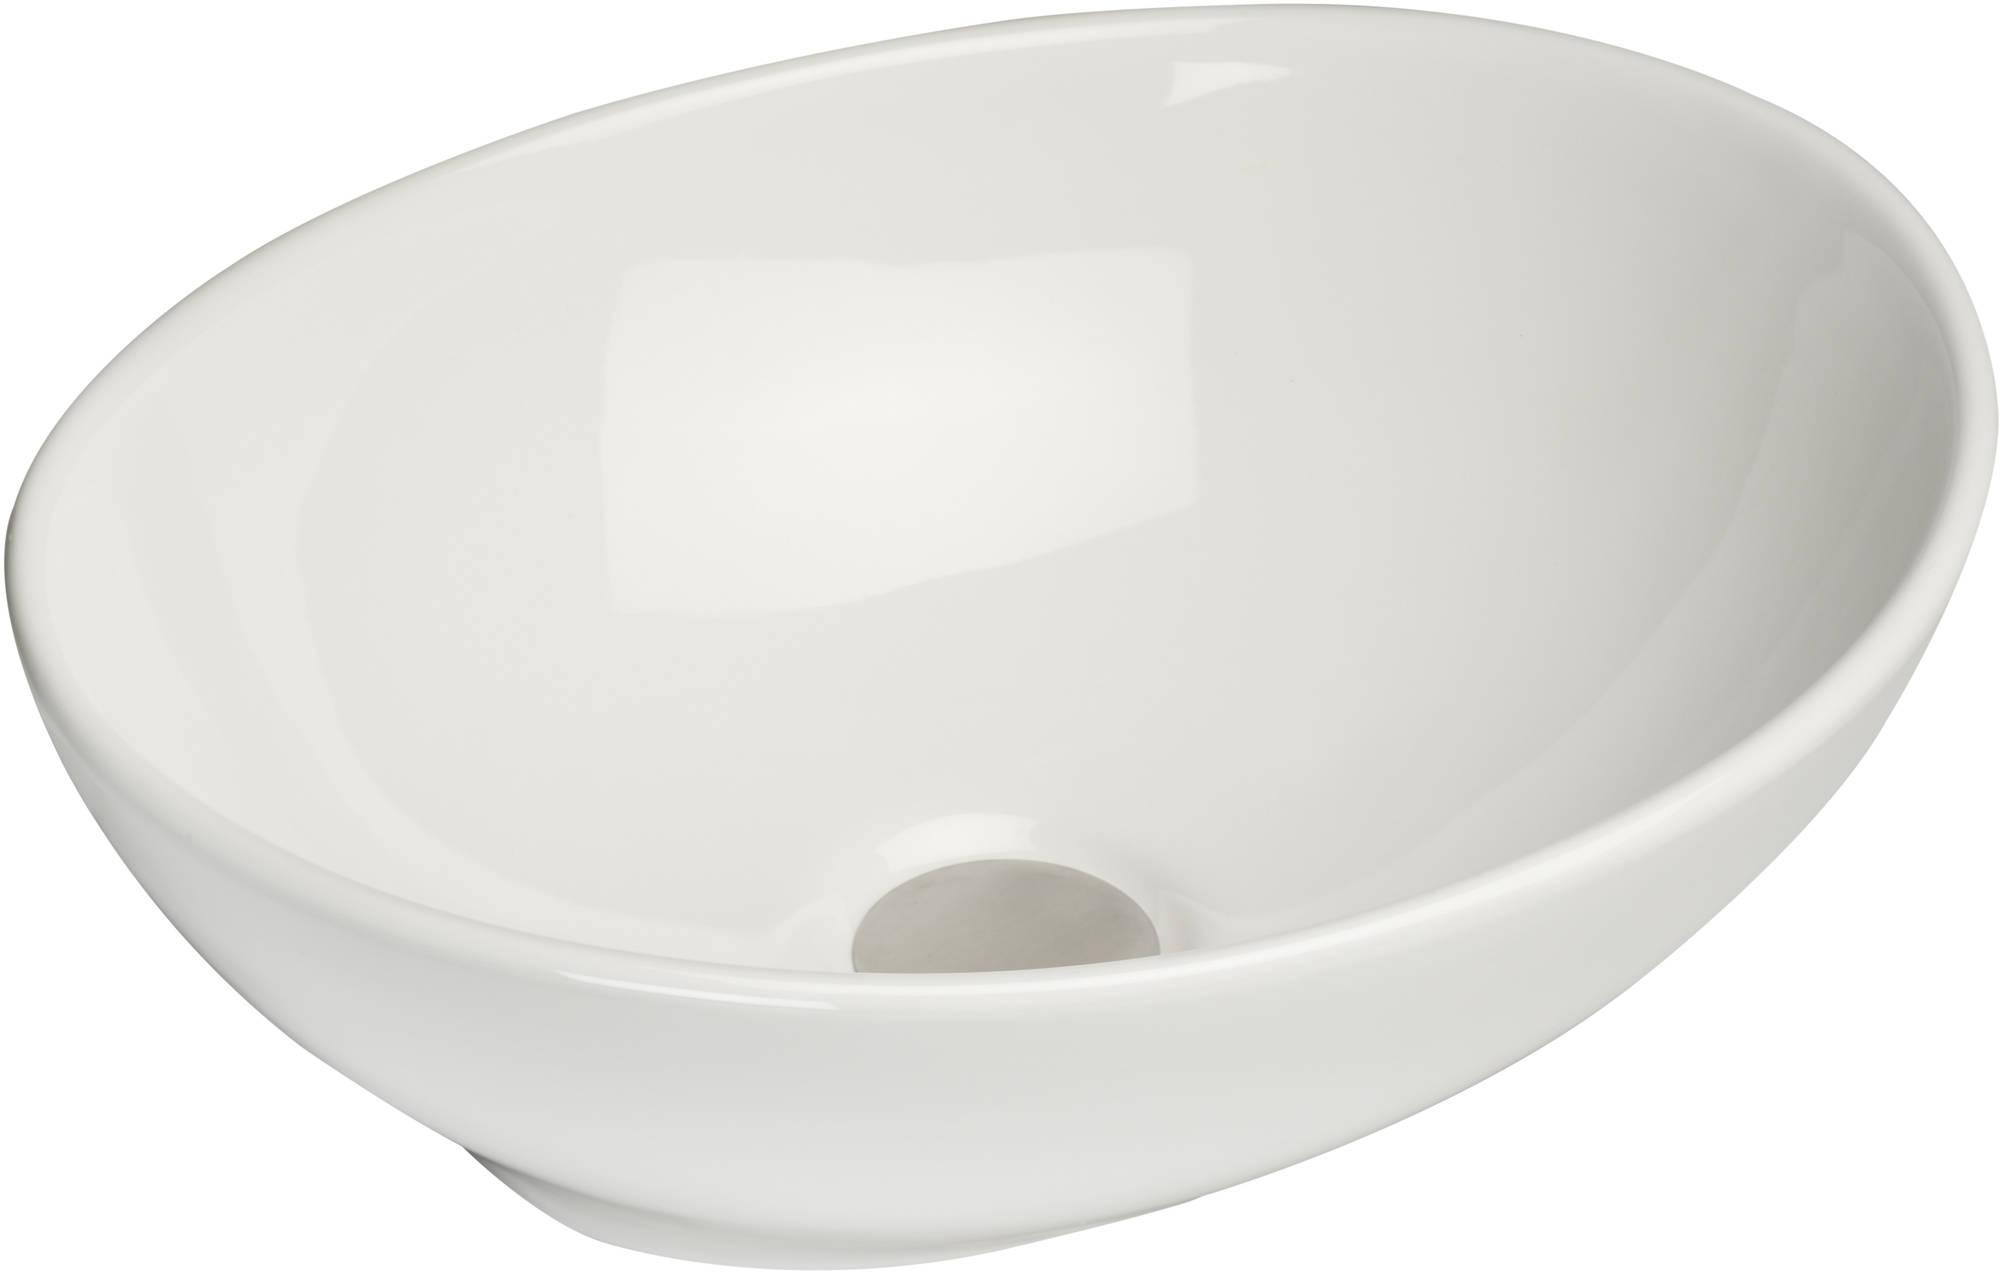 Productafbeelding van Saqu Design Collection Elegance Opzetwastafel 40x33x15 cm wit